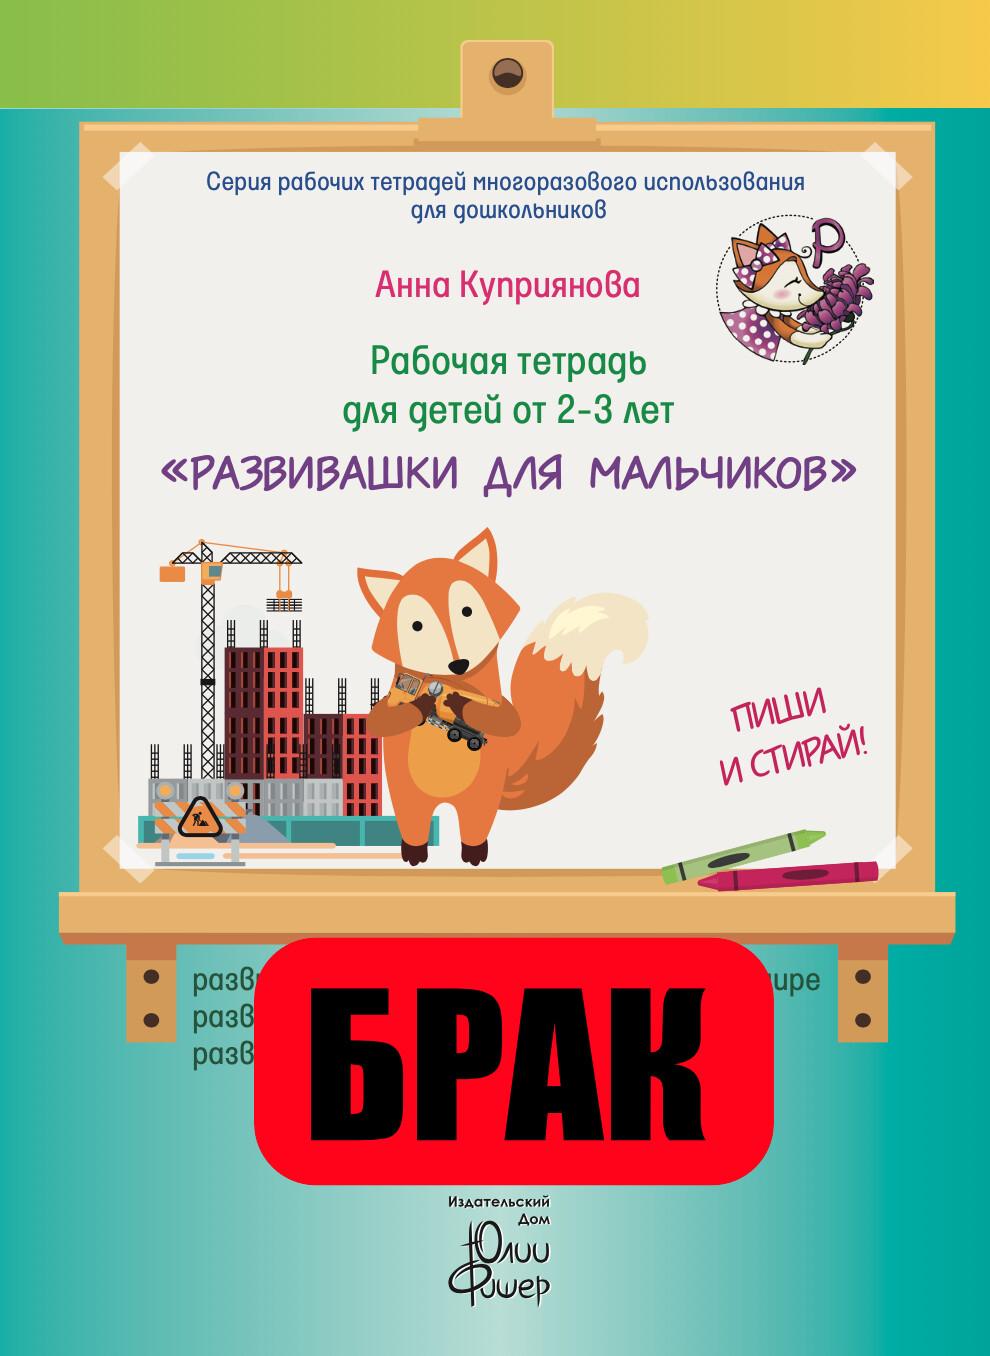 БРАК. Рабочая тетрадь для детей от 2-3 лет «Развивашки для ...